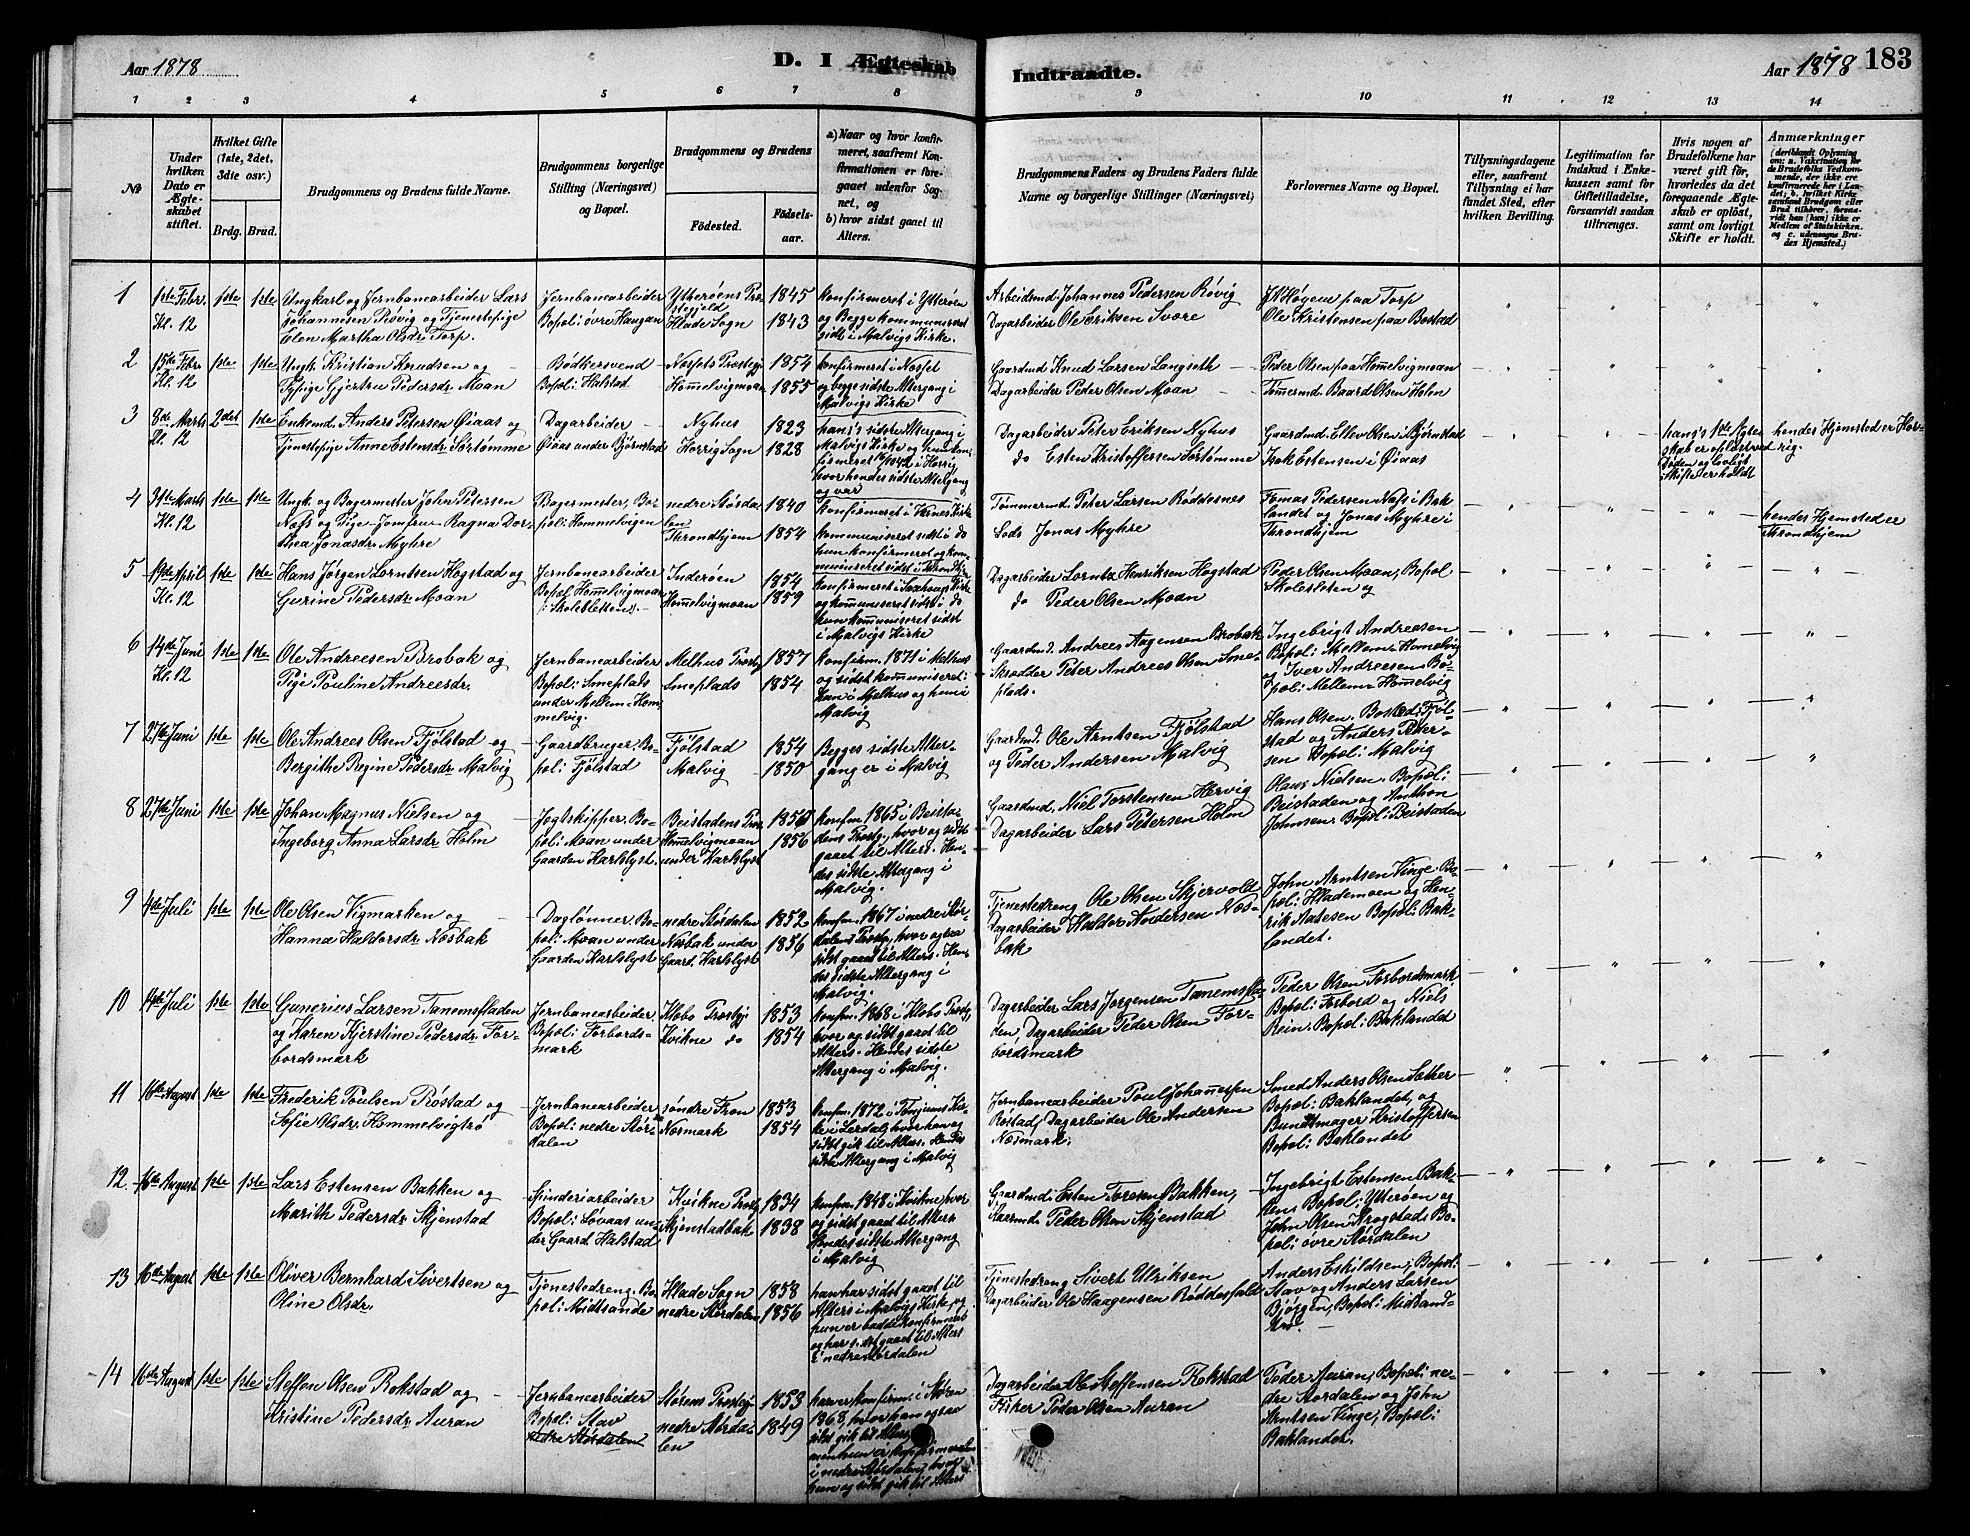 SAT, Ministerialprotokoller, klokkerbøker og fødselsregistre - Sør-Trøndelag, 616/L0423: Klokkerbok nr. 616C06, 1878-1903, s. 183